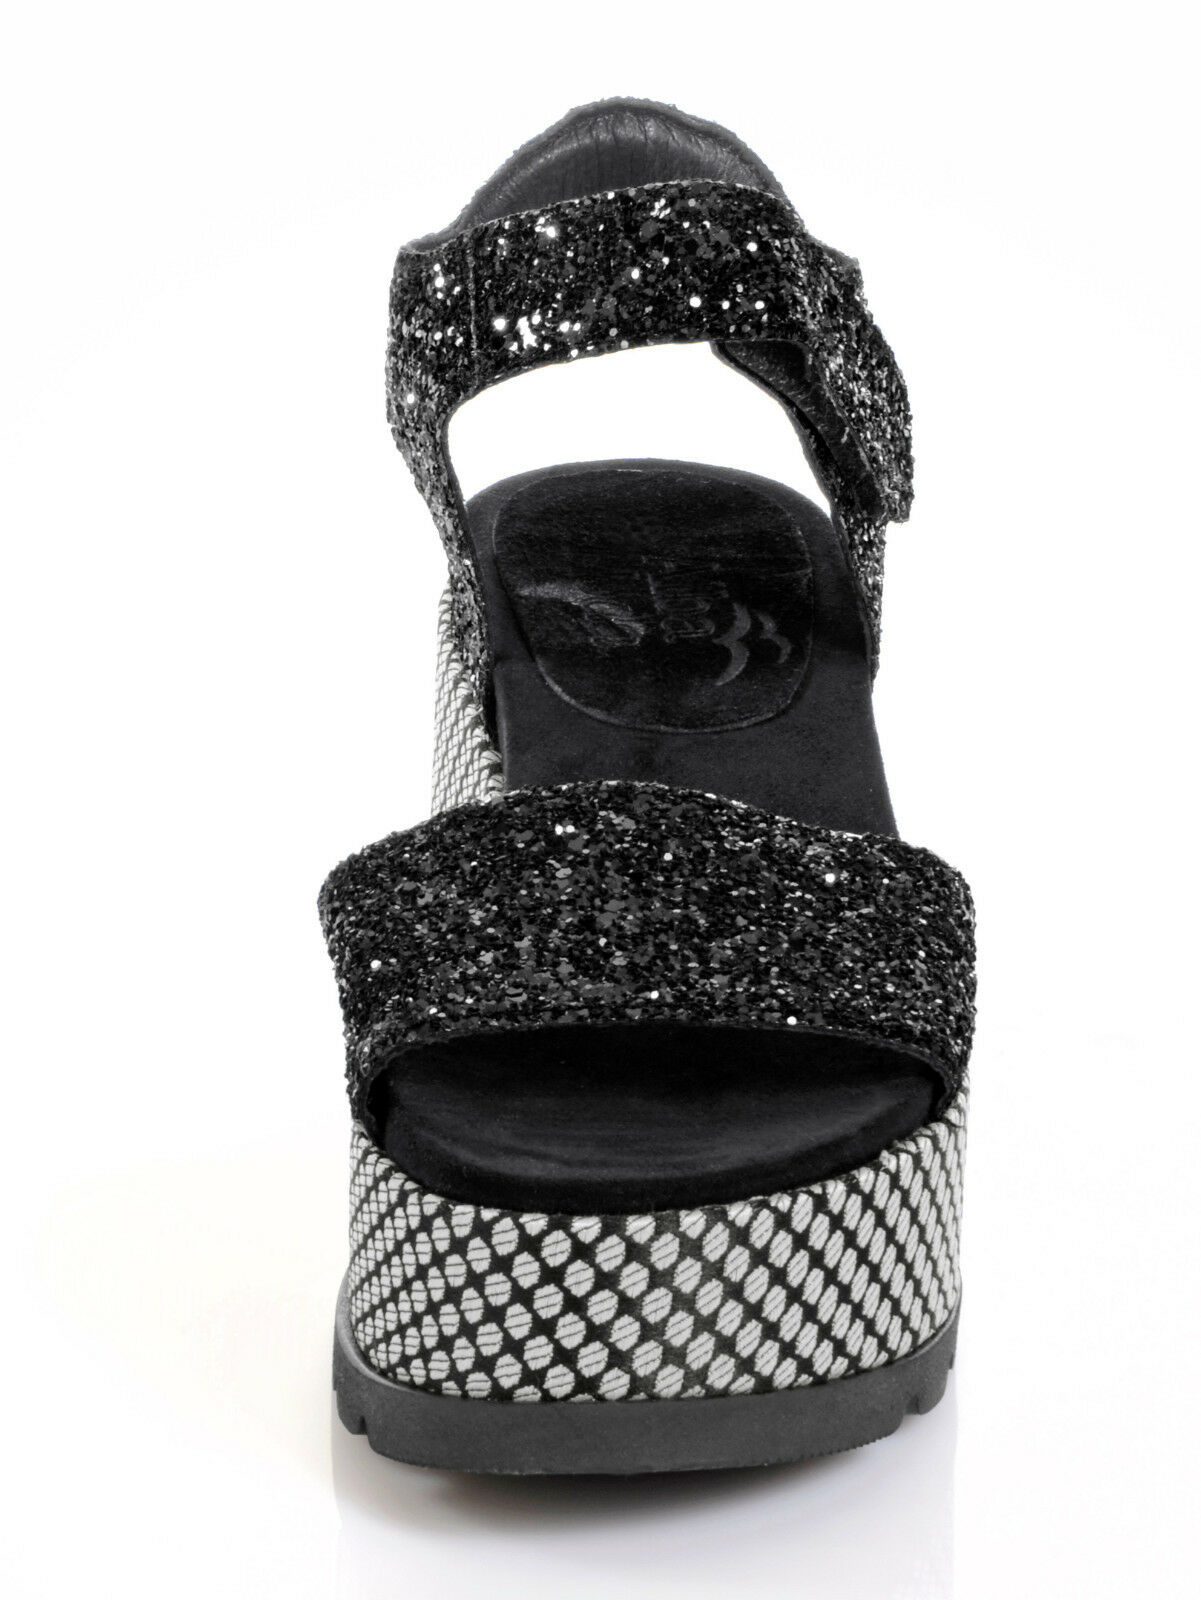 Marken Sandaletten schwarz in 37 Glitter-Optik  Gr. 37 in 0518385456 d31d4b